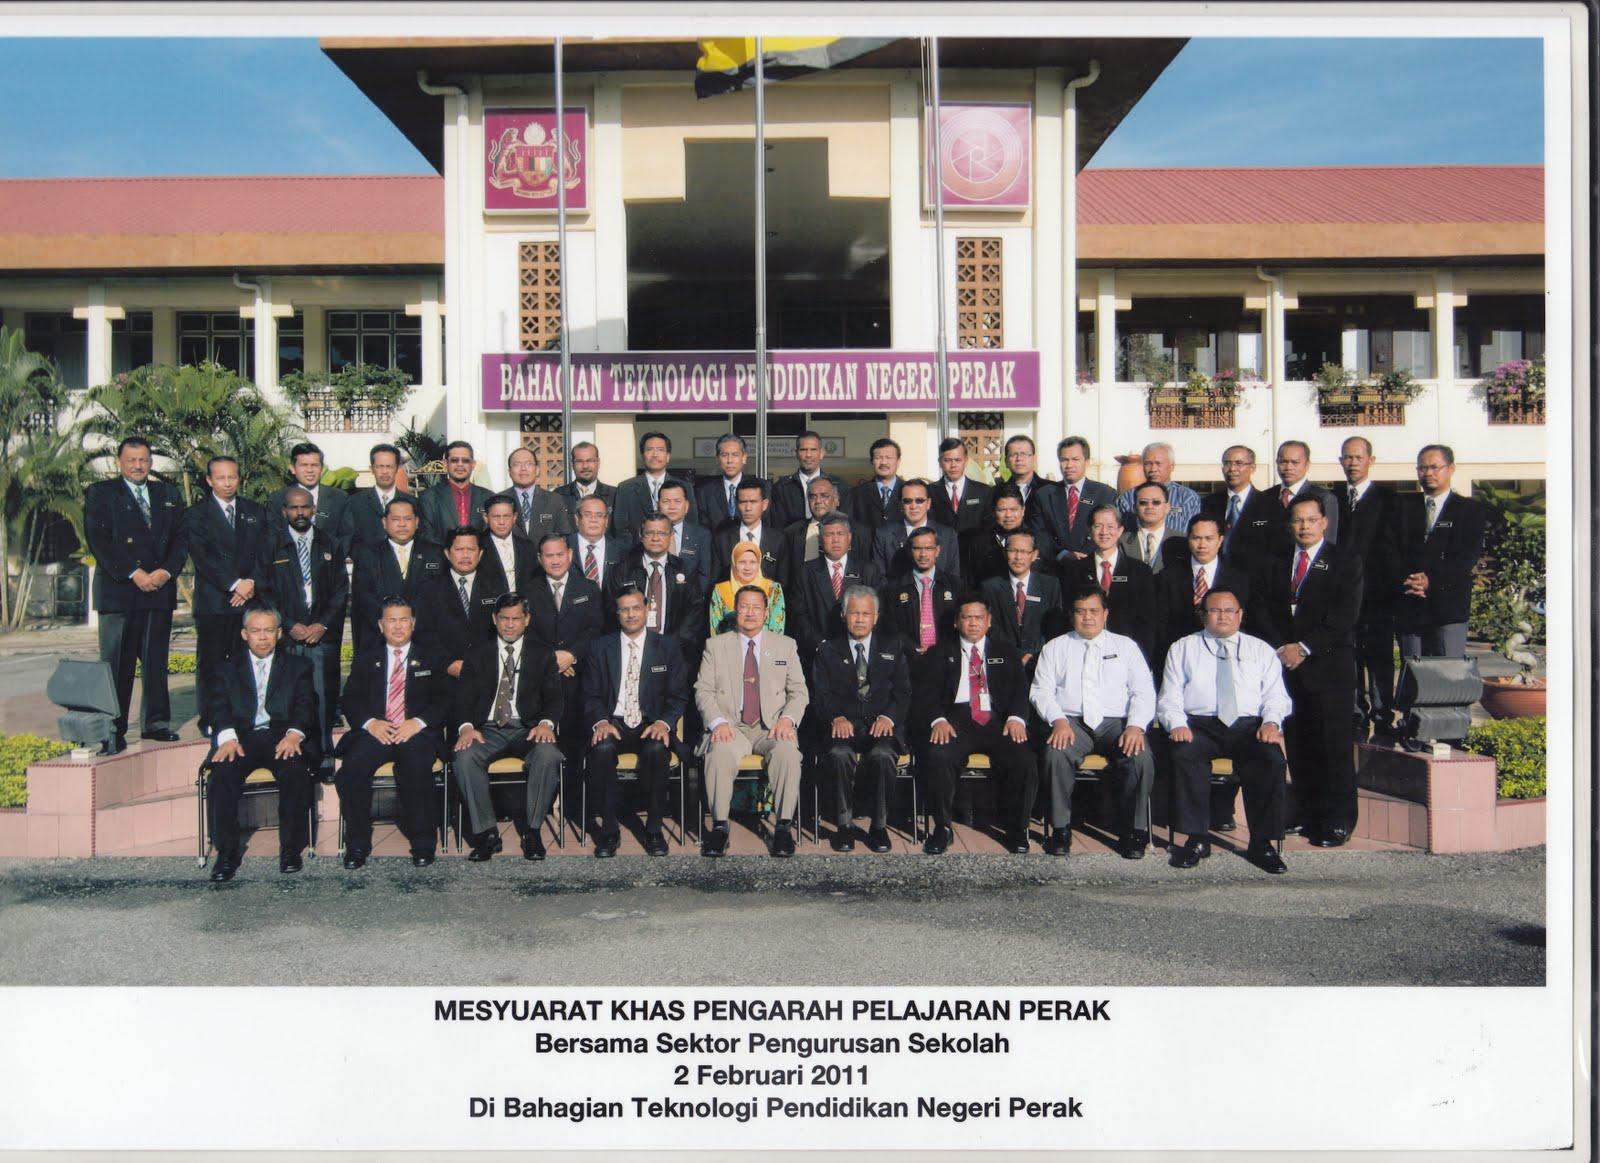 Buletin Btpn Perak Mesyuarat Khas Pengurusan Sekolah Jabatan Pelajaran Perak